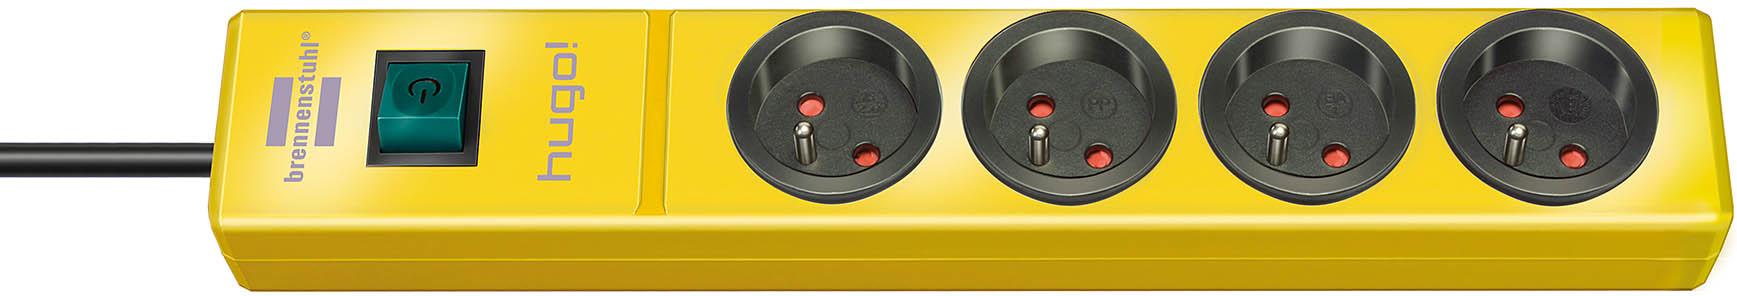 Przedłużacz listwowy listwa 2m żółty hugo niemiecki